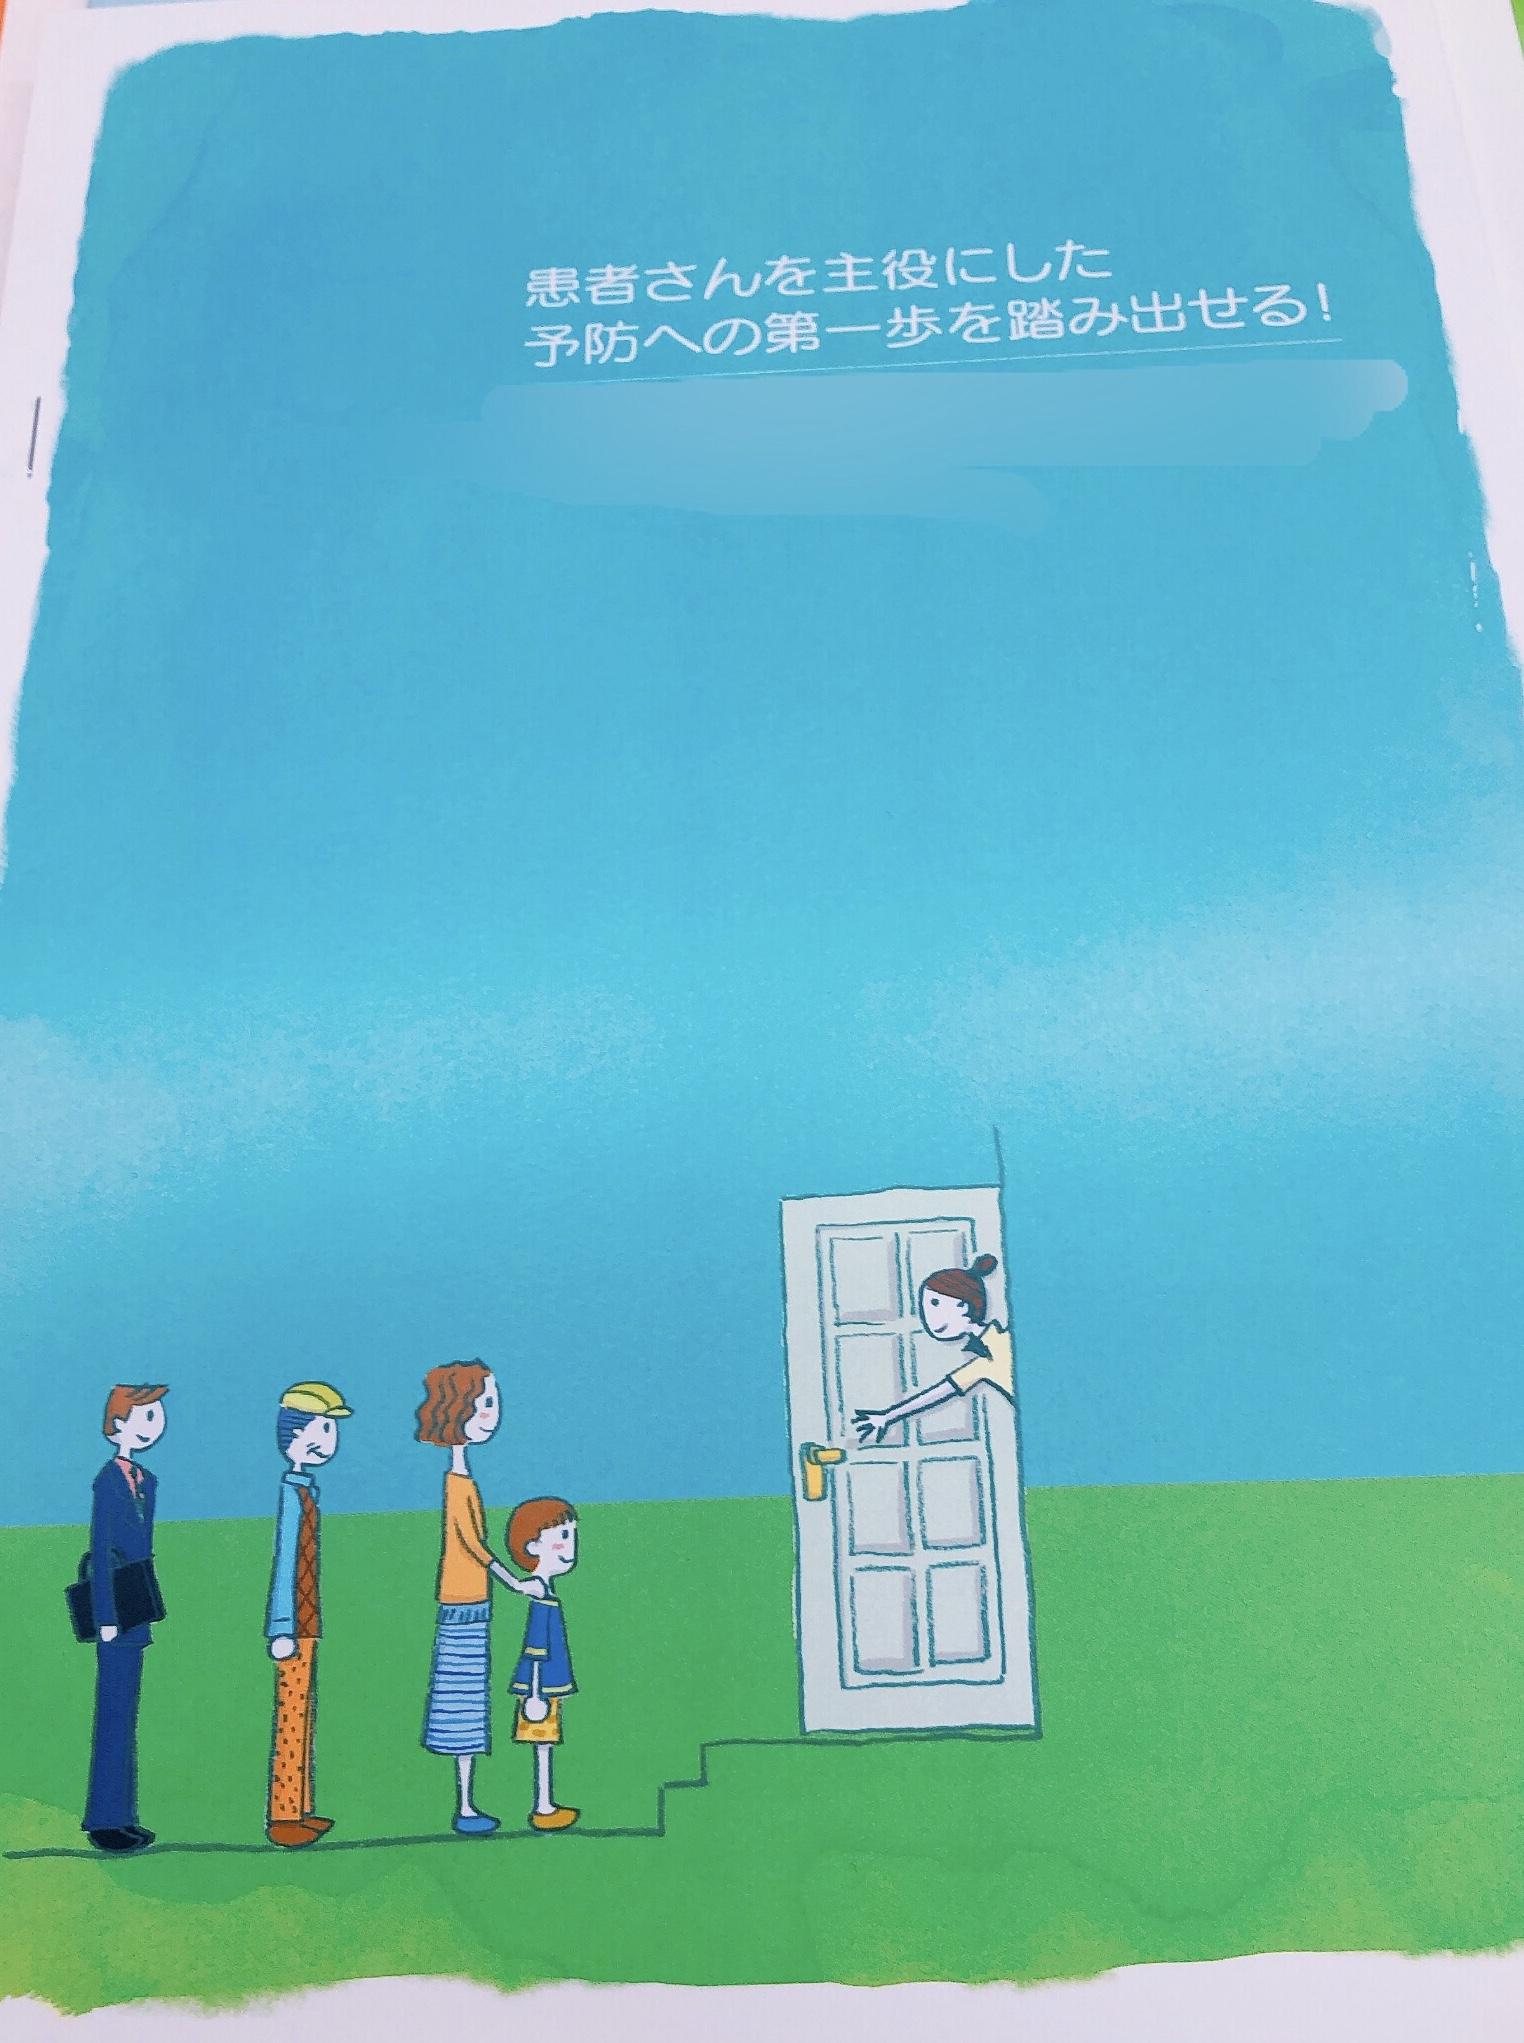 東京セミナーのイメージ